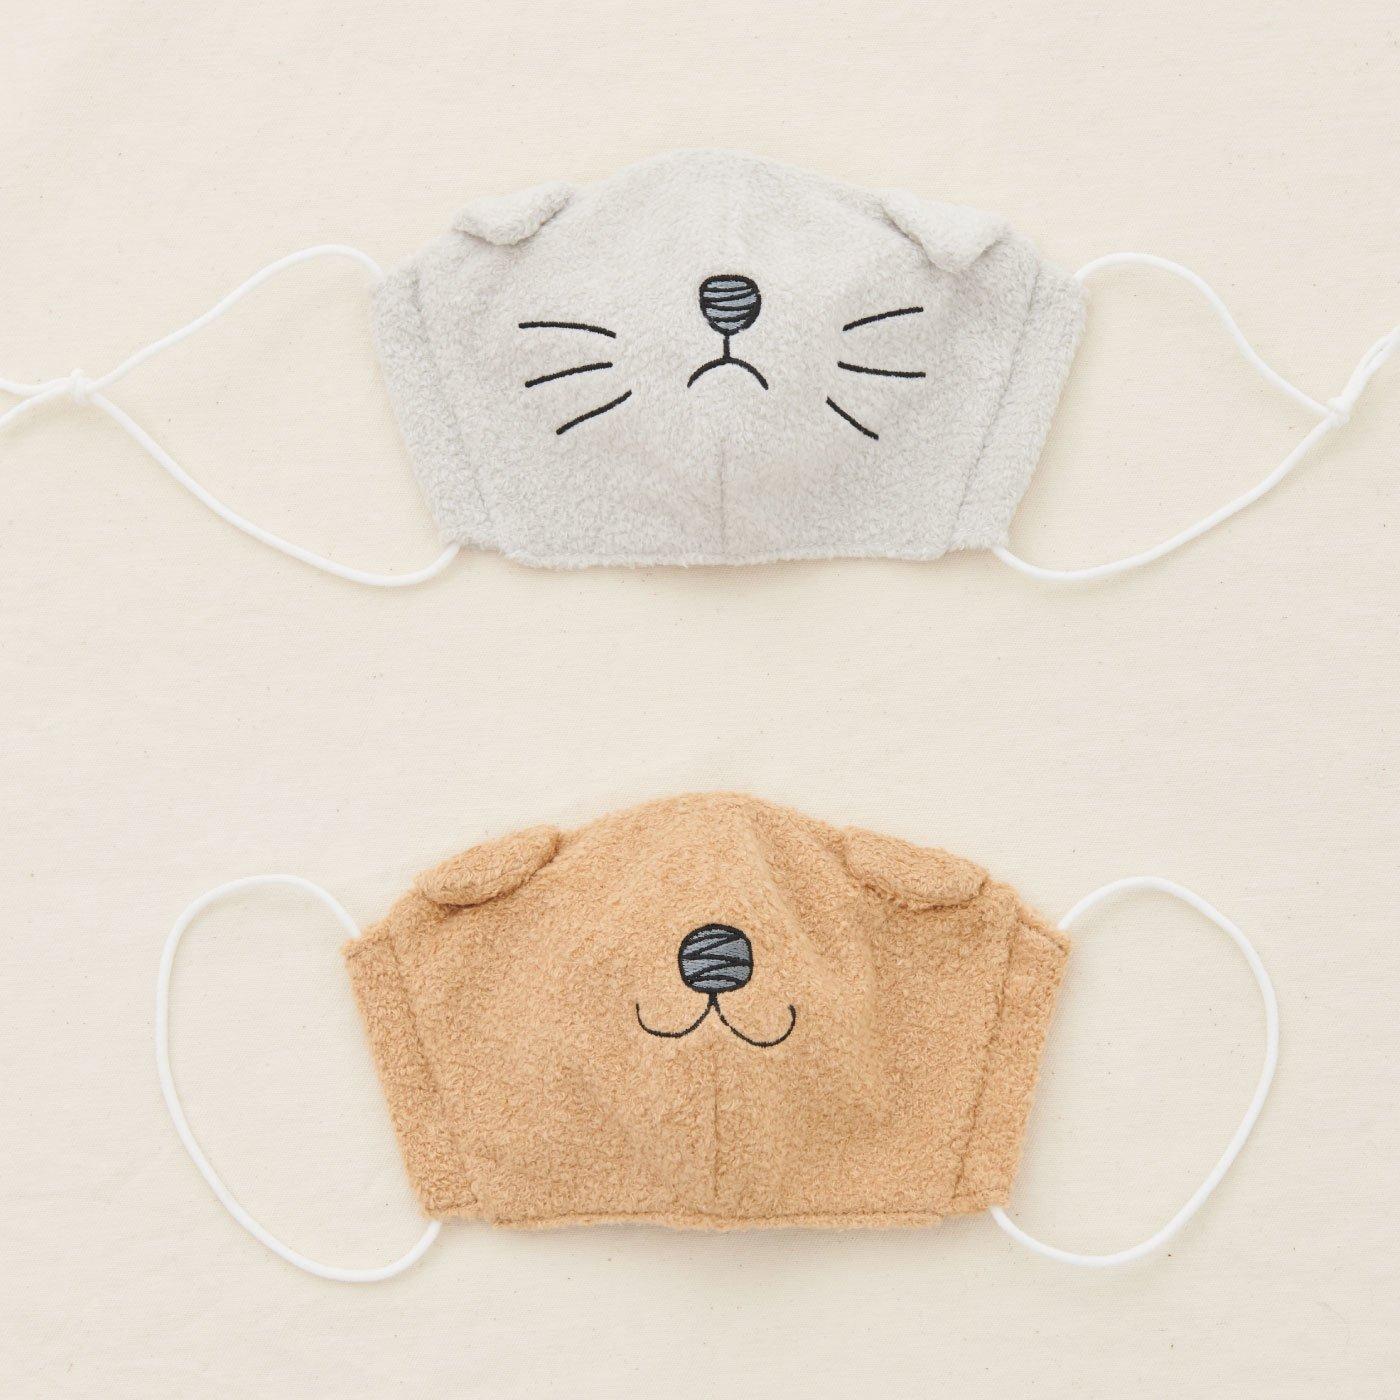 【WEB限定】IEDIT[イディット] 大人も子どもも楽しい 内側コットン素材のキュートなどうぶつマスク